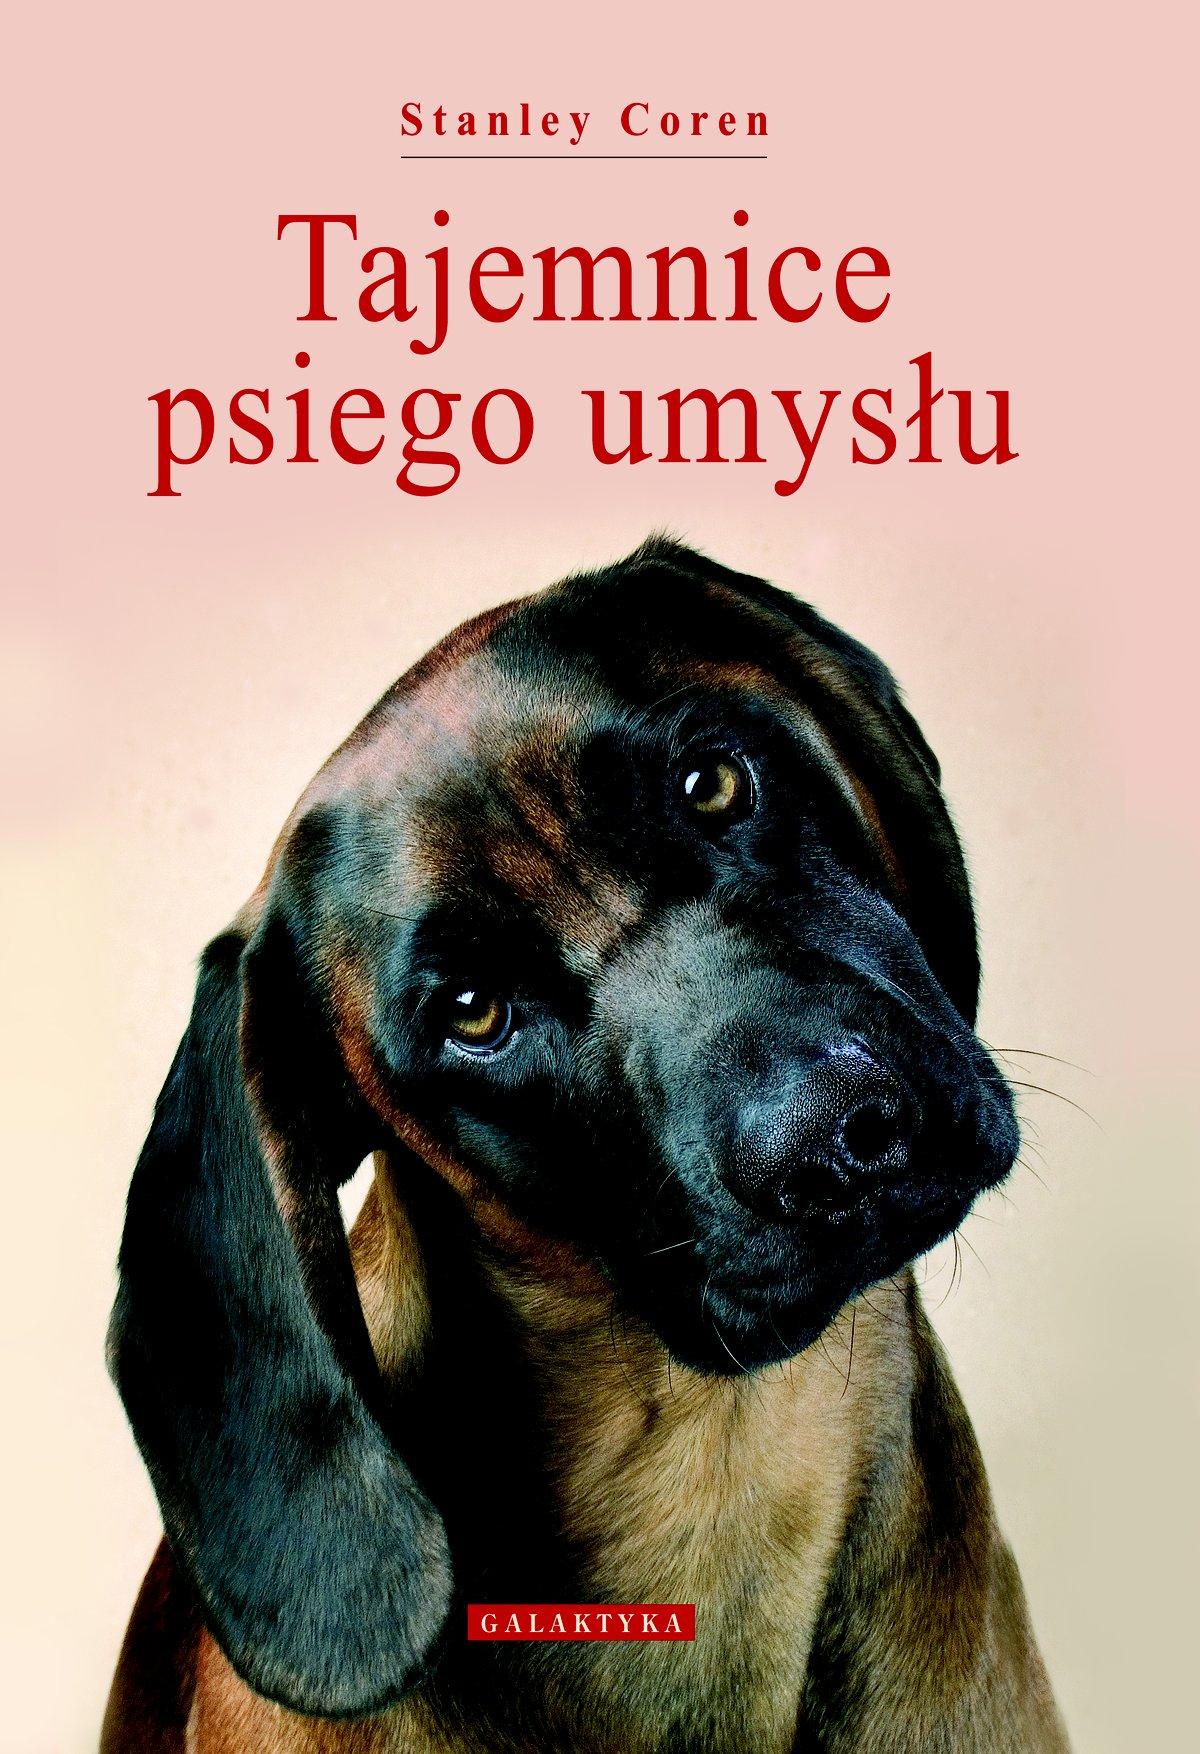 Tajemnice psiego umysłu - Ebook (Książka EPUB) do pobrania w formacie EPUB